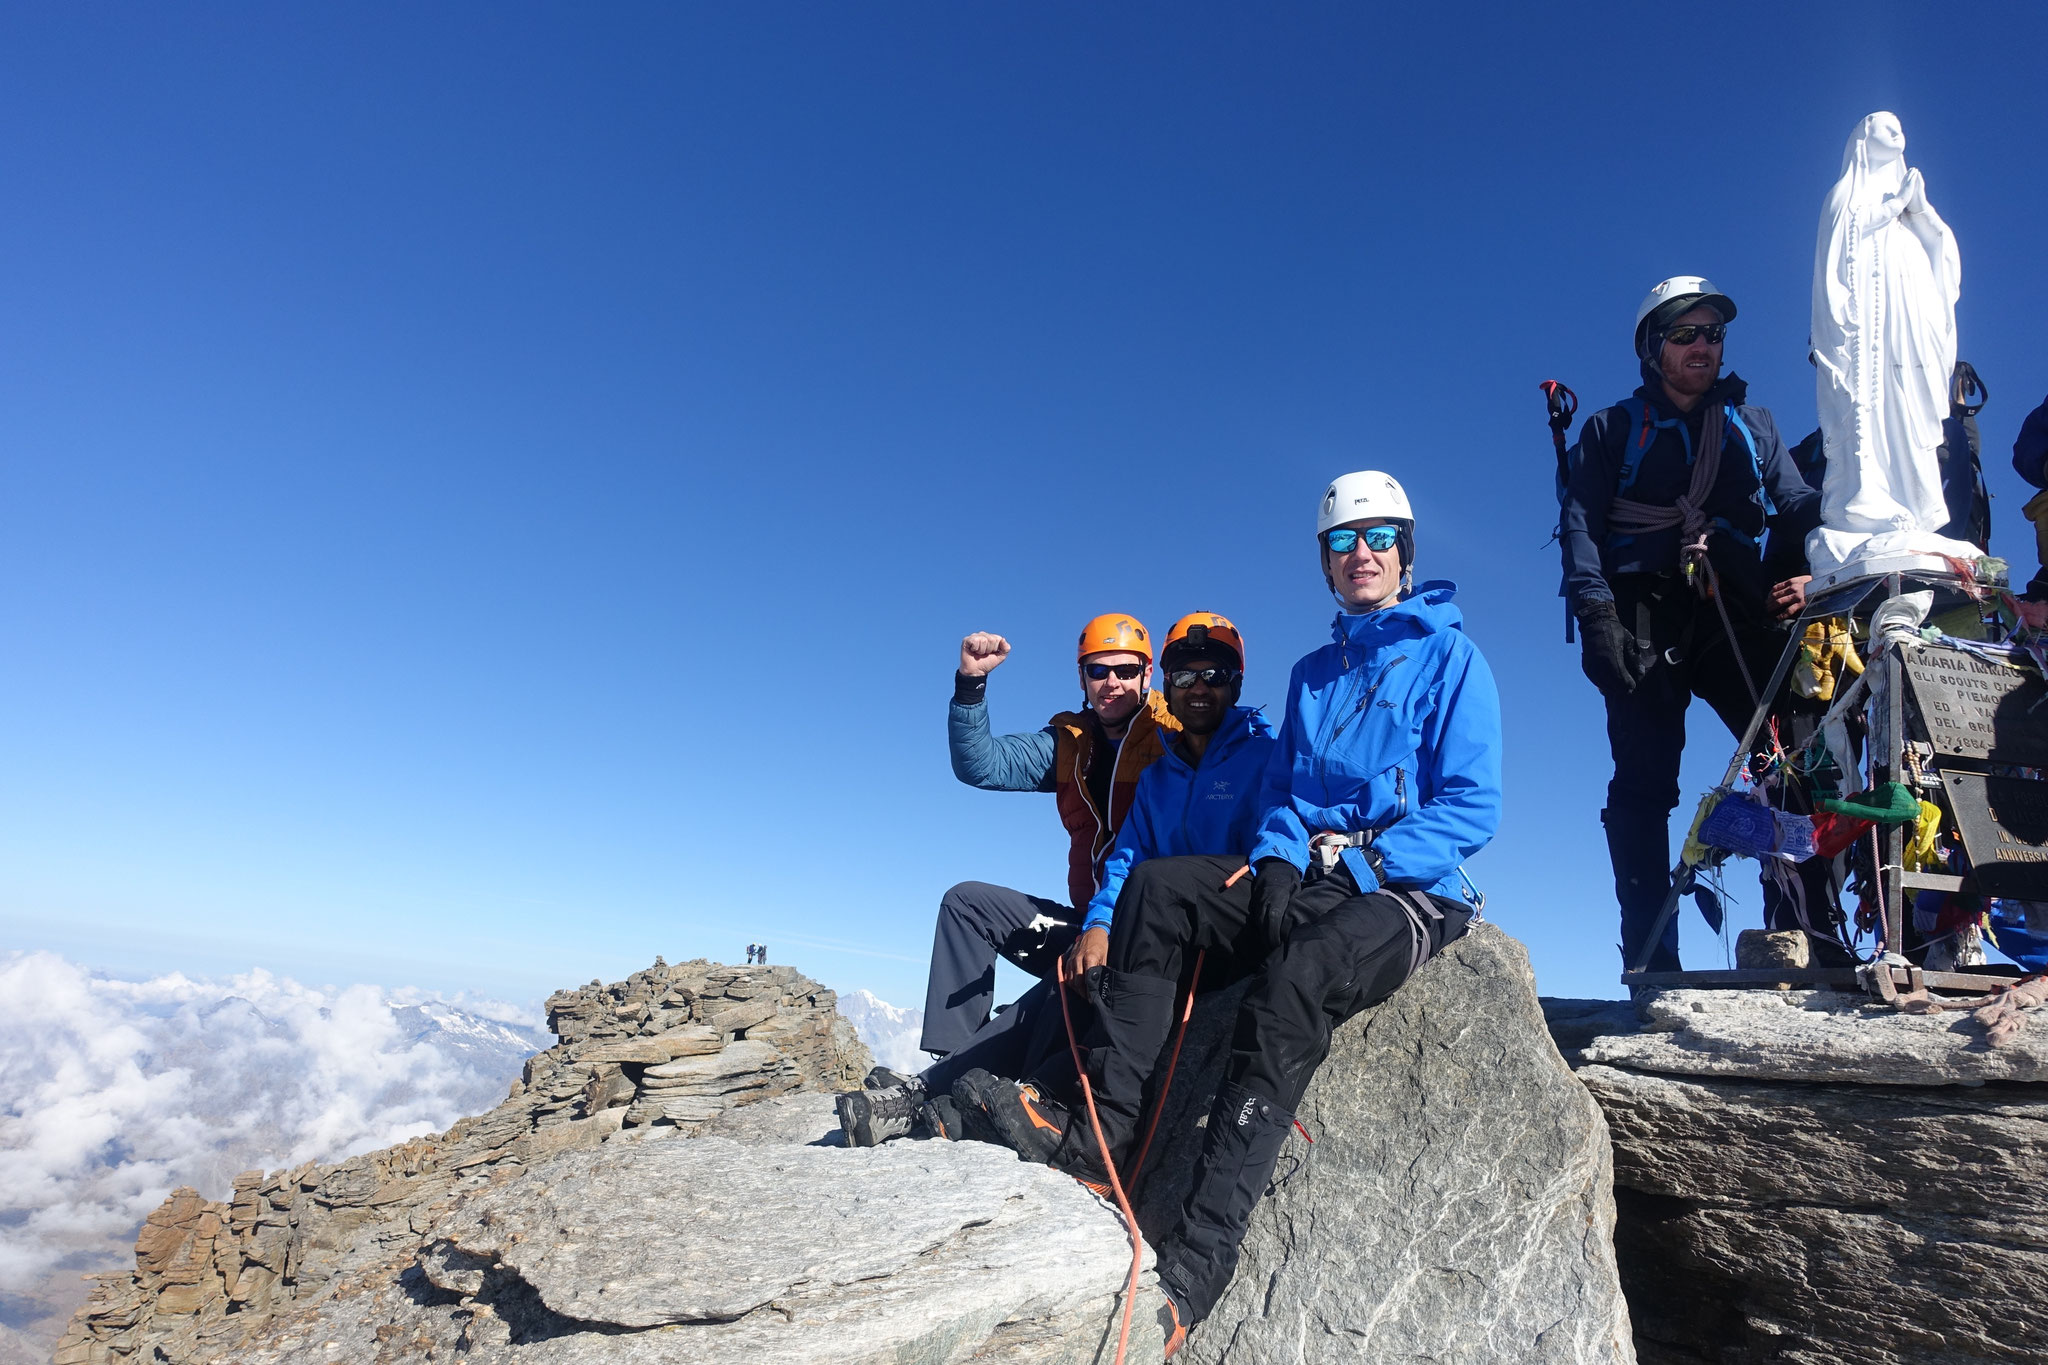 Le team au sommet, avec la Madone